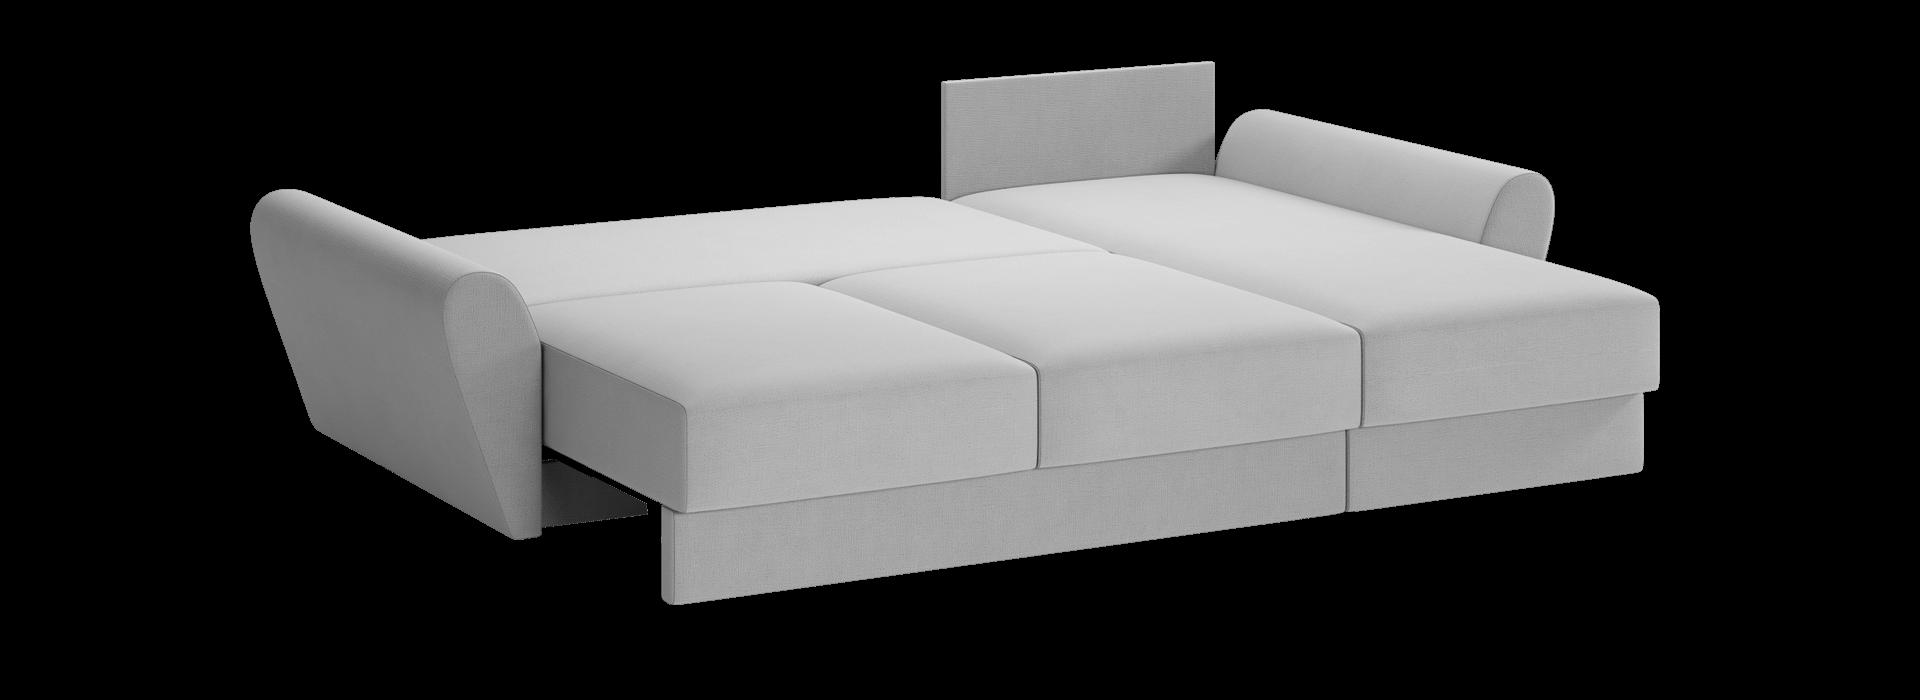 Даріо кутовий диван - маска 3